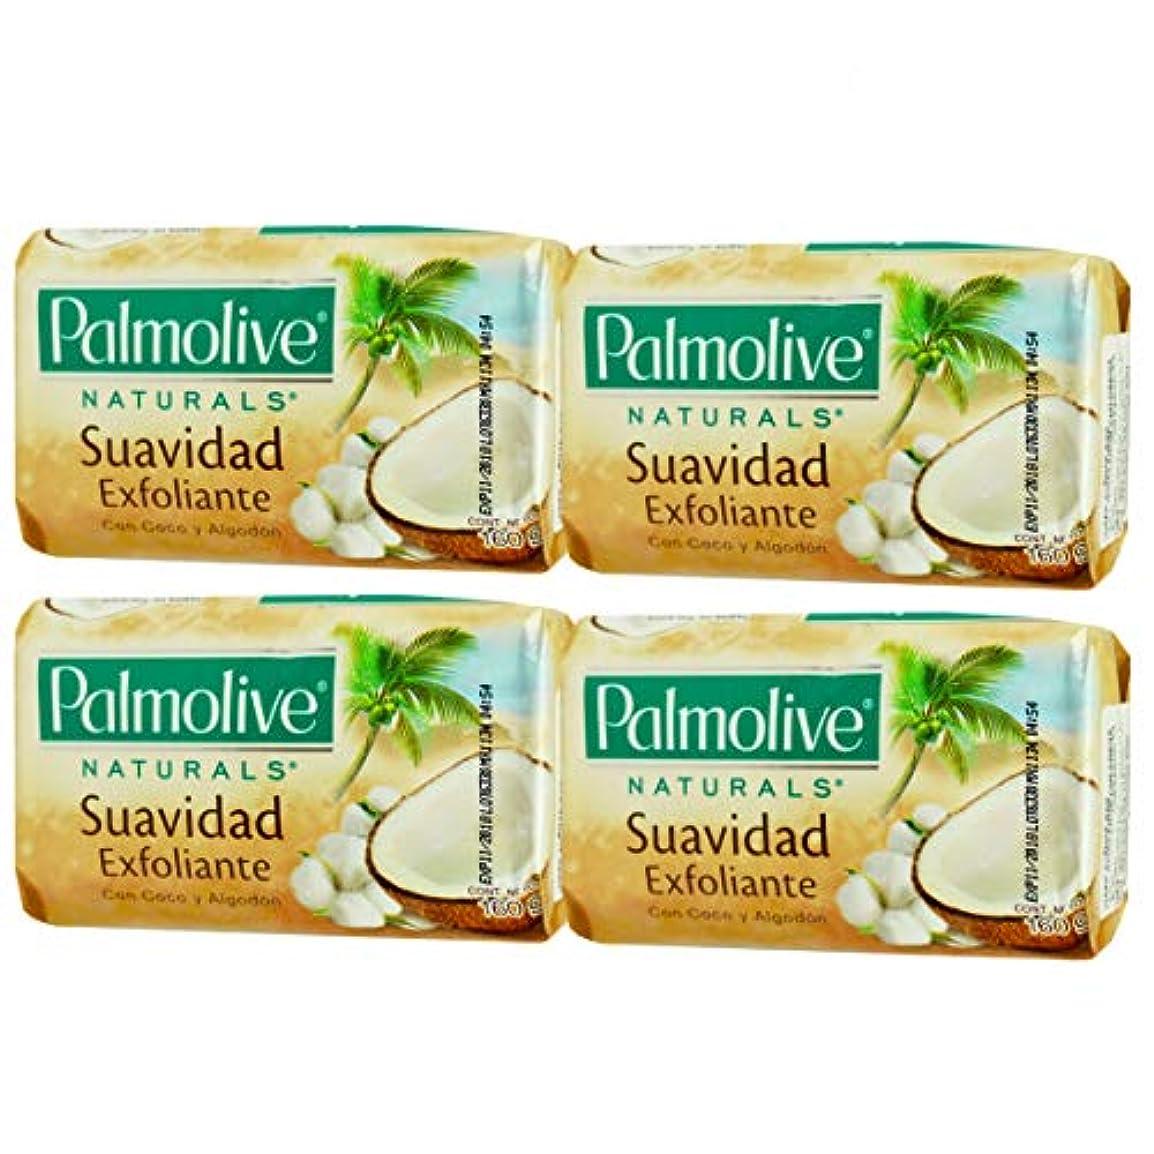 サルベージ熟したおとうさんPalmolive ナチュラルズココY Algodonソープココナッツと綿160Gパック4